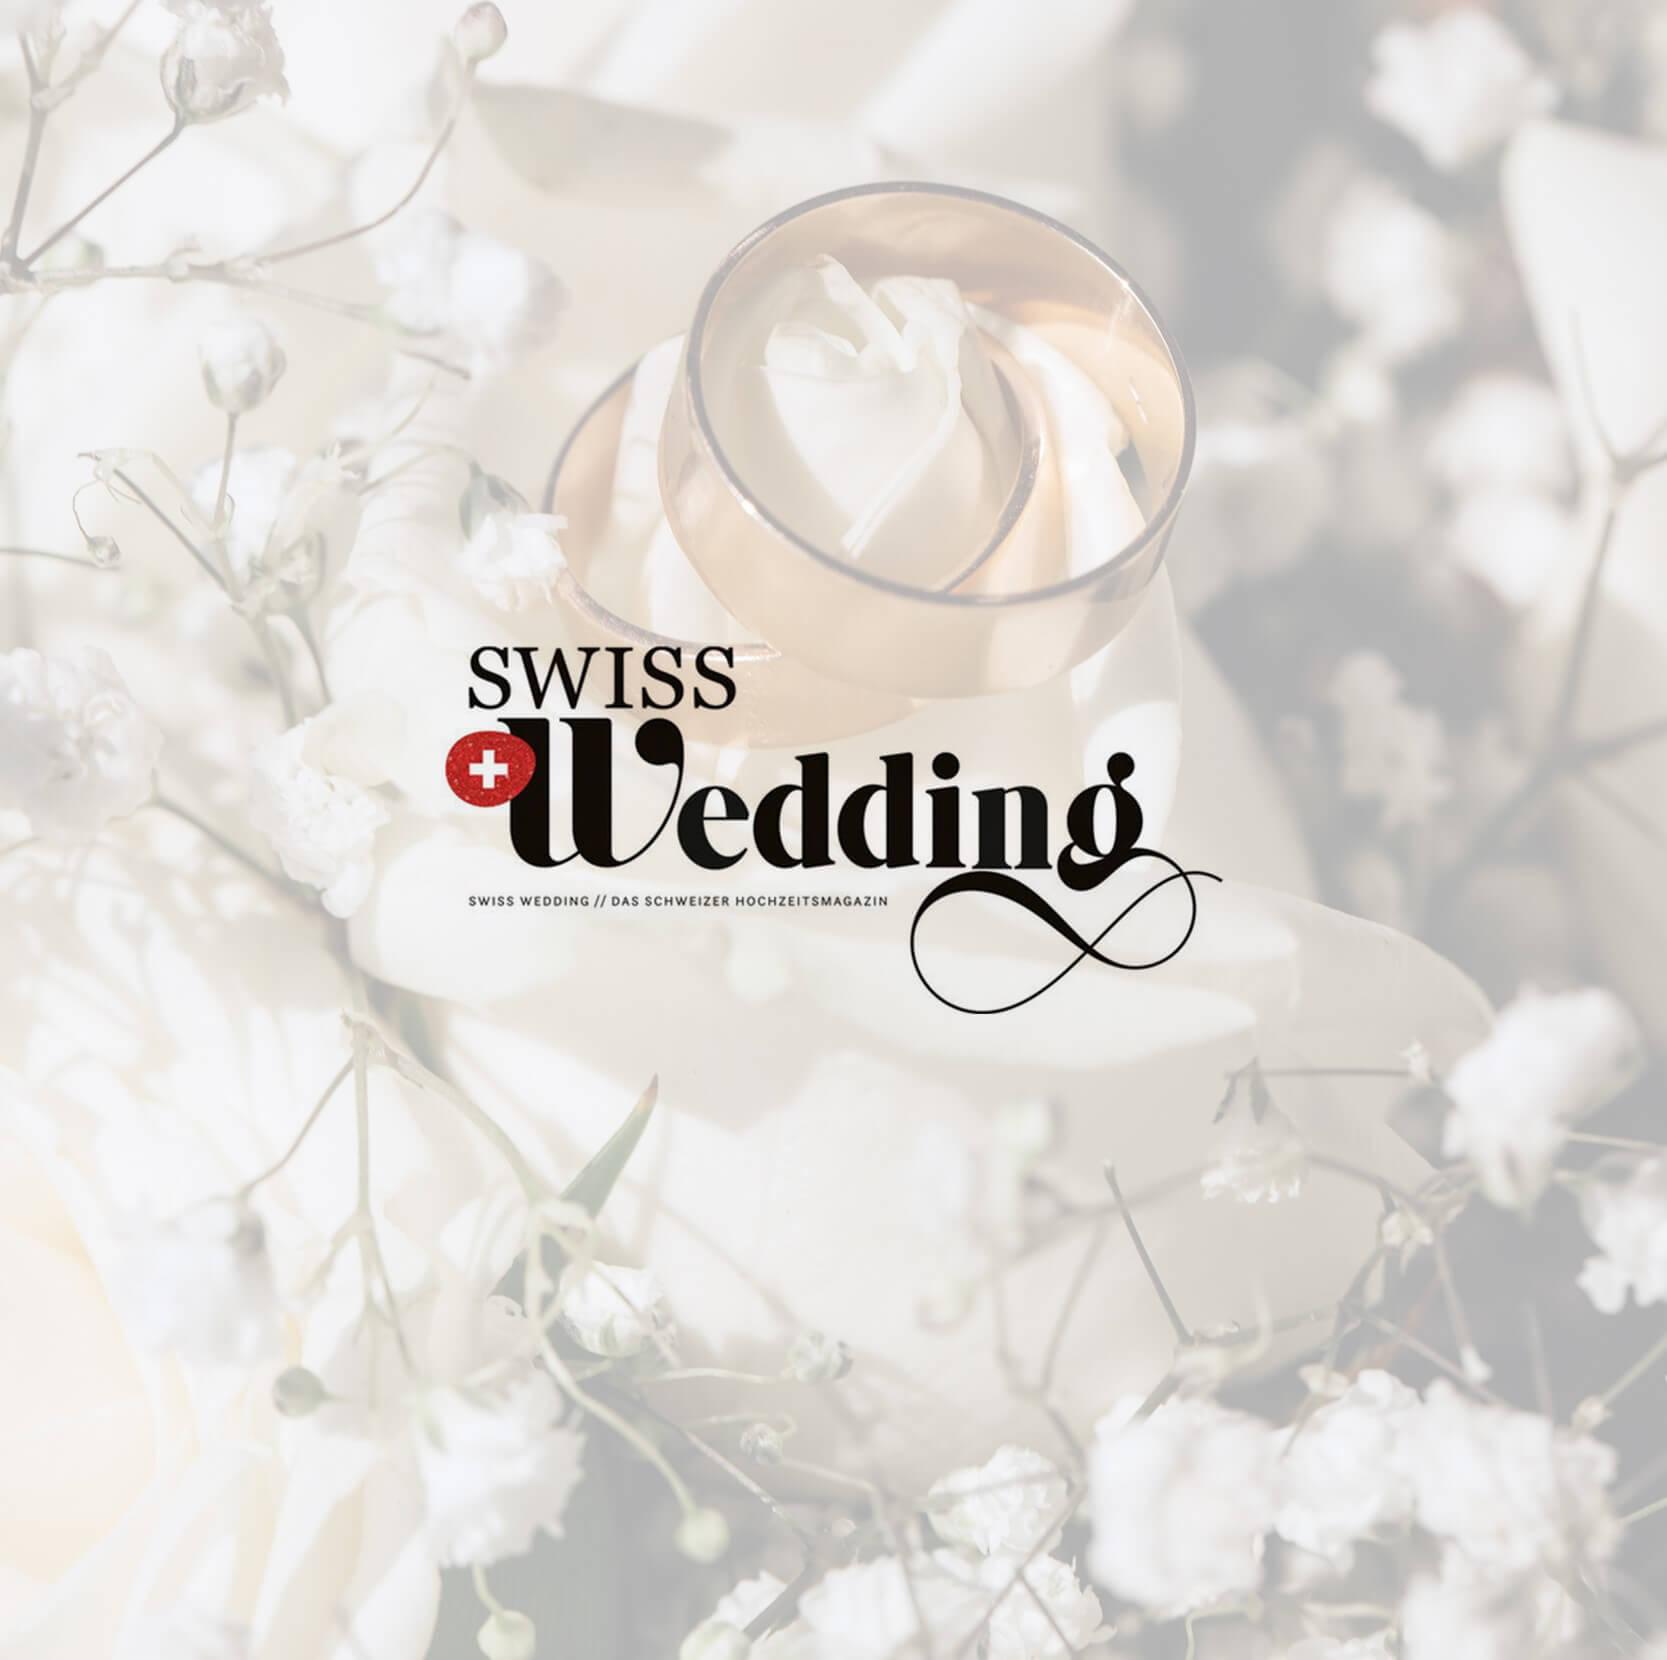 Swisswedding_mobile